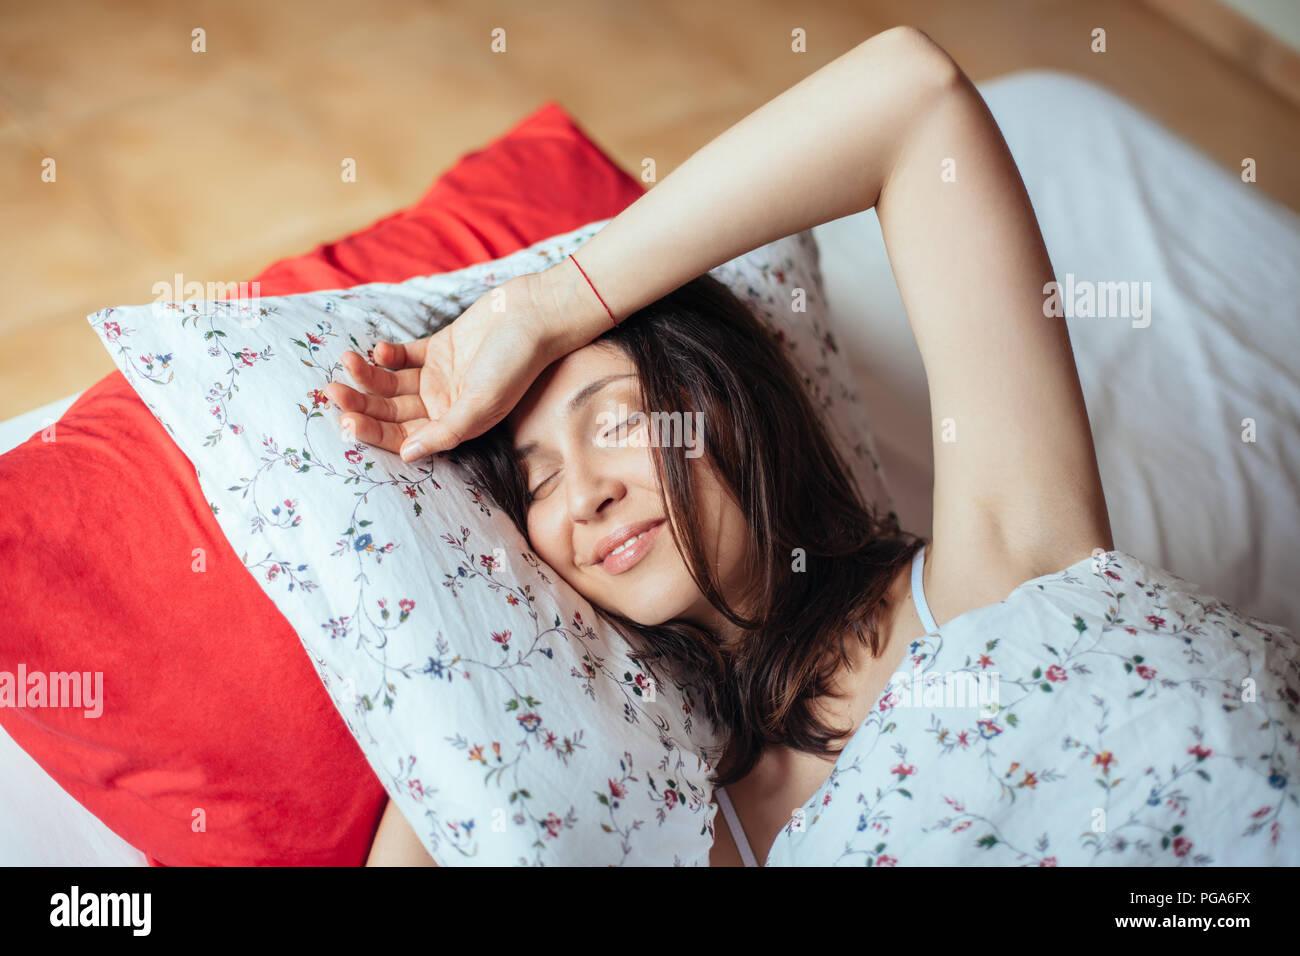 Junge Frau lächelnd während sie in ihr Bett zu Hause schlafen. Entspannen Konzept Stockbild